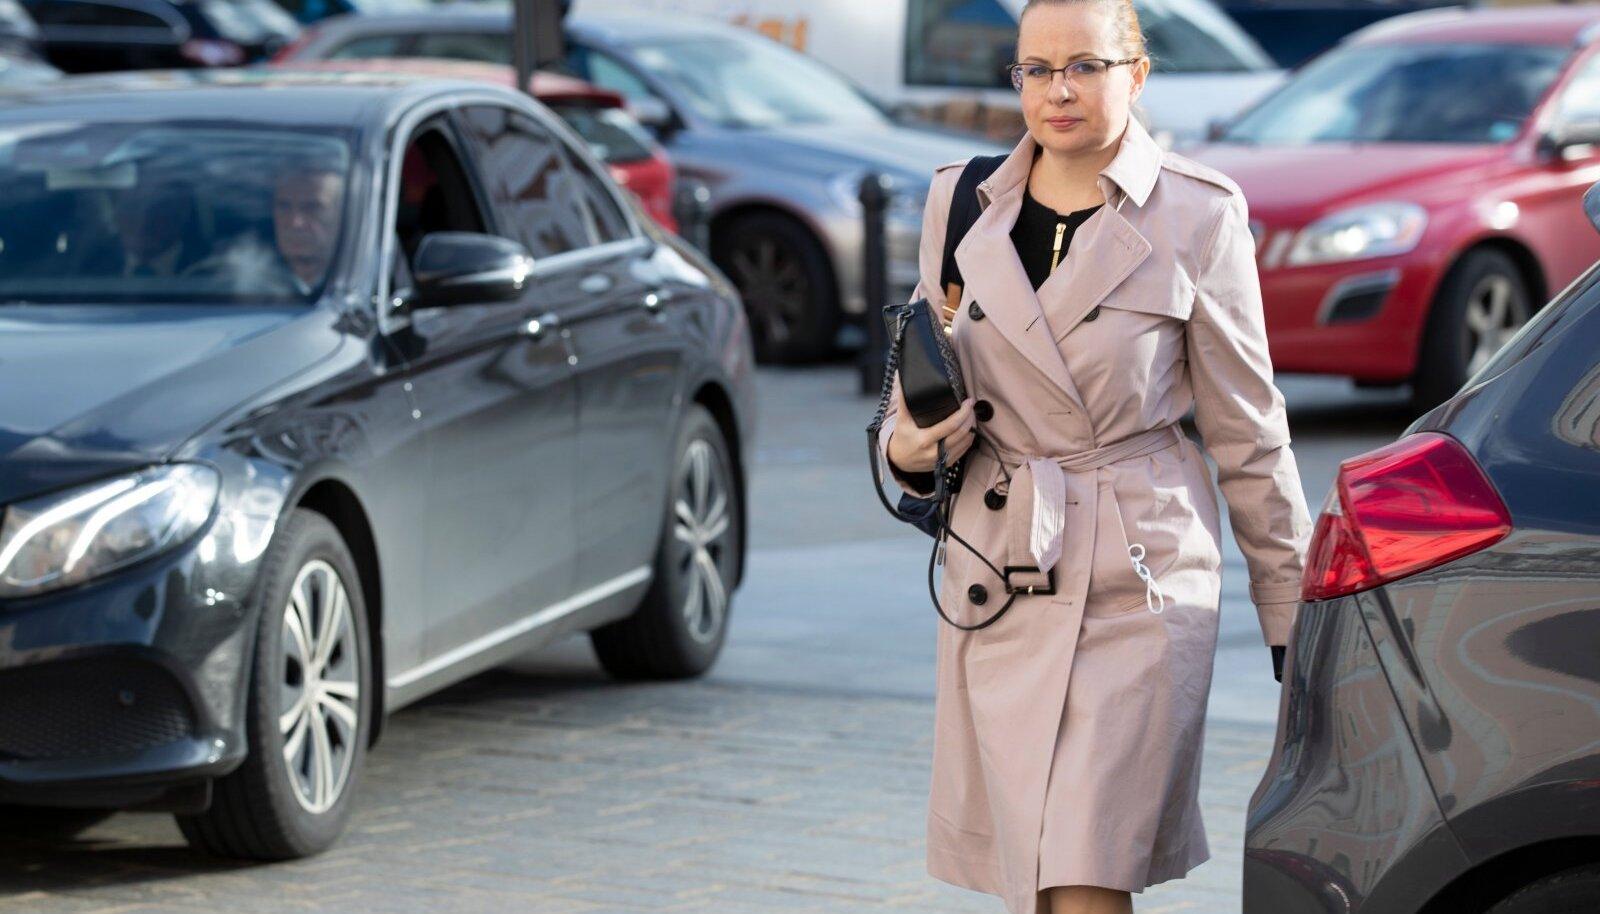 Riigikogulased saabuvad tööle, Maria Jufereva-Skuratovski